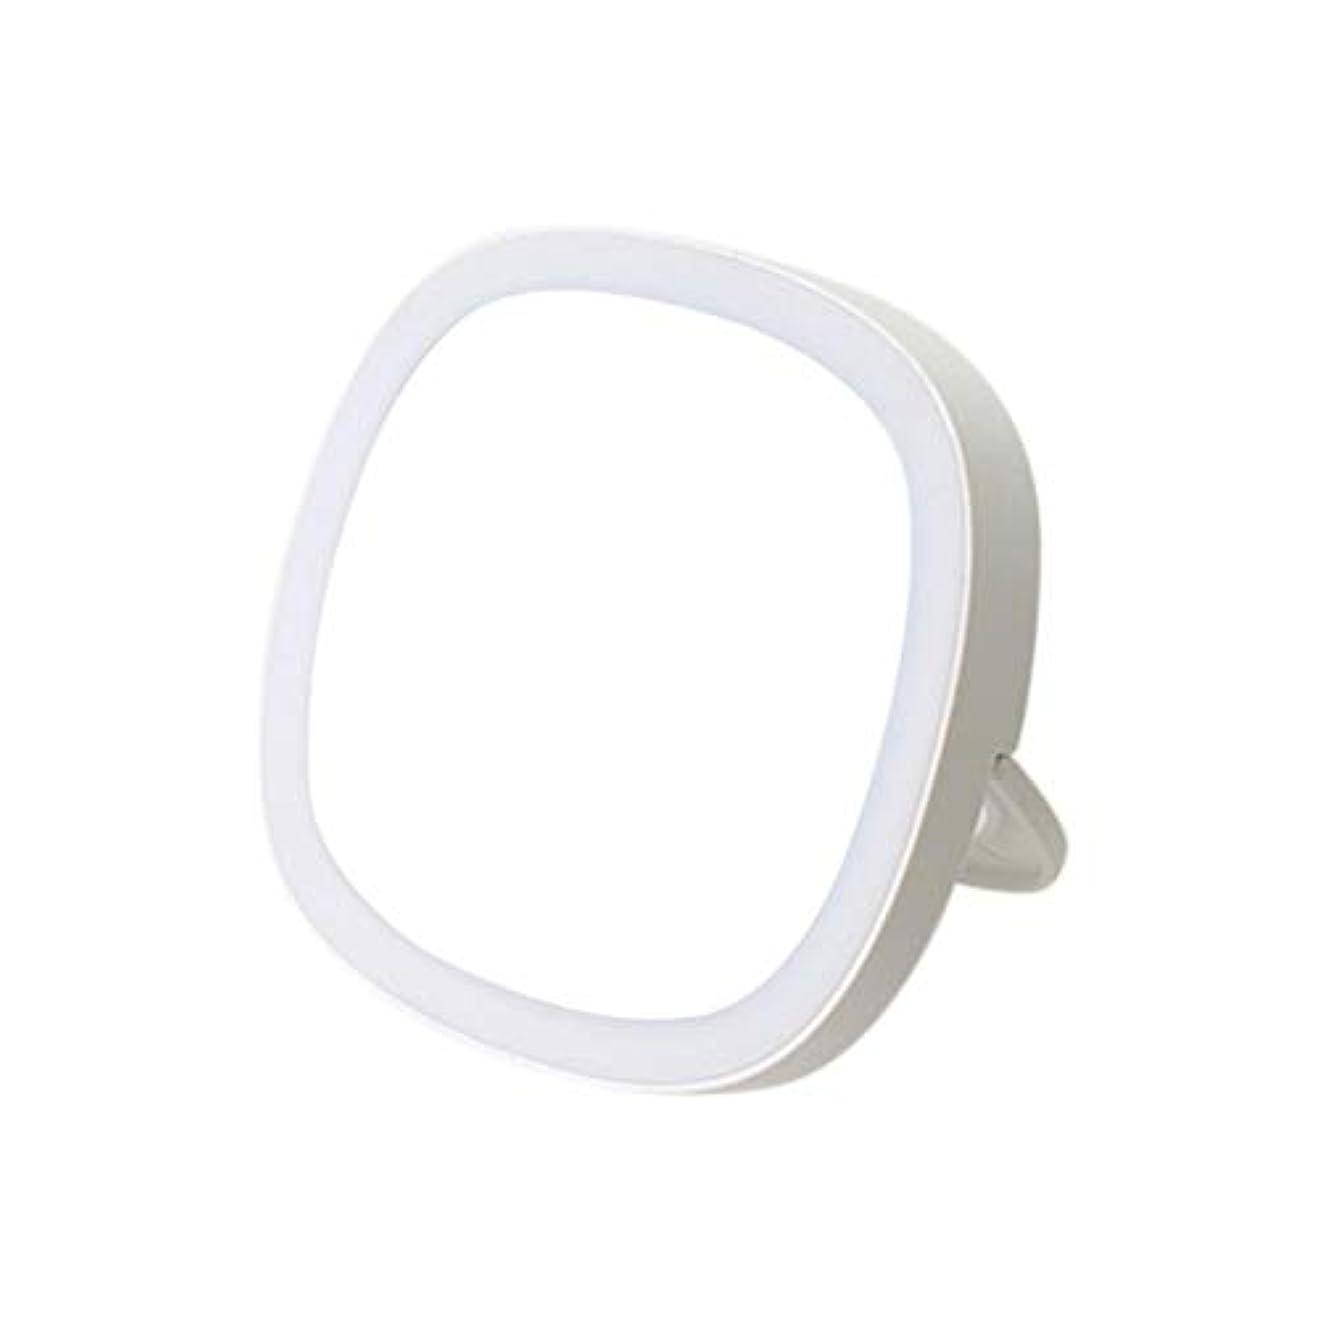 ループ浴室まあ鏡 卓上 化粧鏡 LEDの浴室鏡 化粧ミラー ミラー ライト 携帯用 美の盛り土ライトが付いている スマートな手持ち型 夜間照明の化粧鏡 キャンディポータブルメイクアップミラー 浴室用